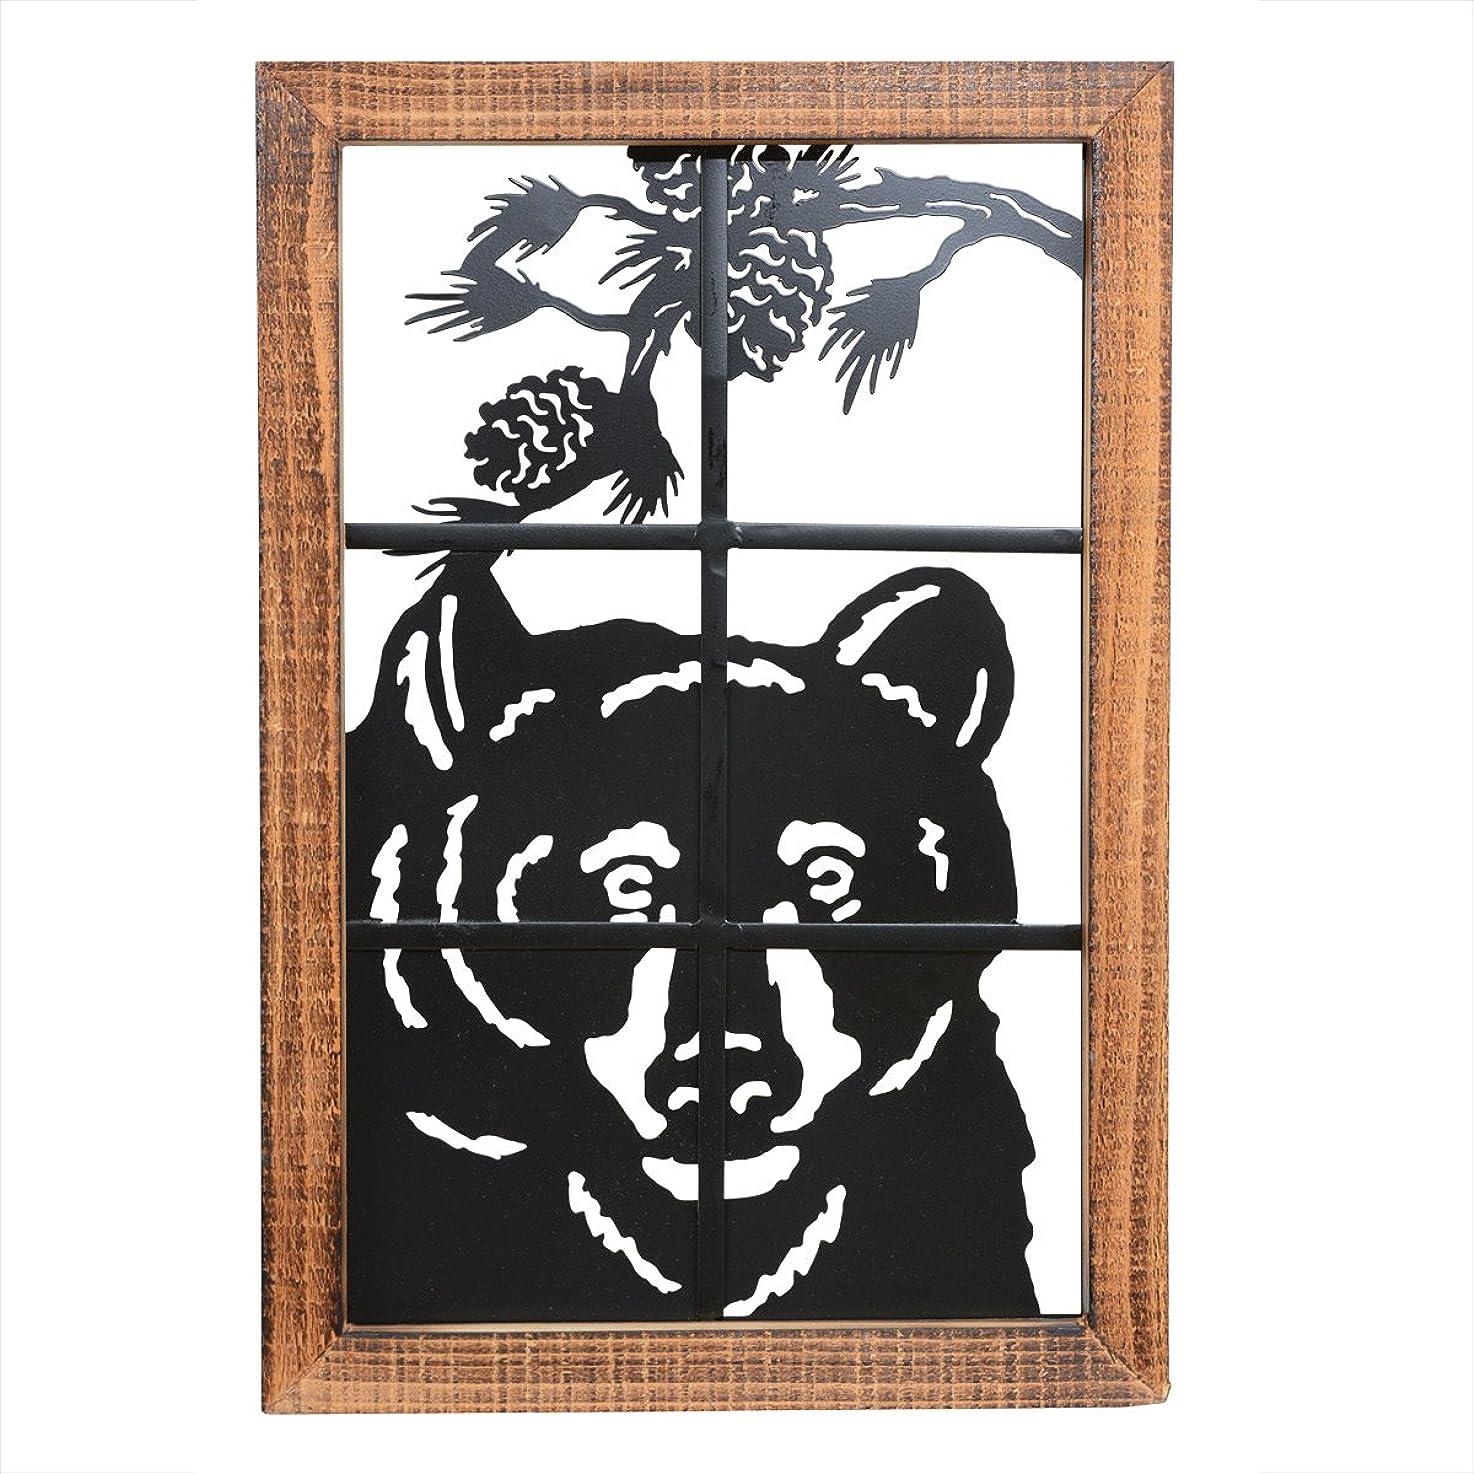 BLACK FOREST DECOR Bear in Window Metal/Wood Wall Art